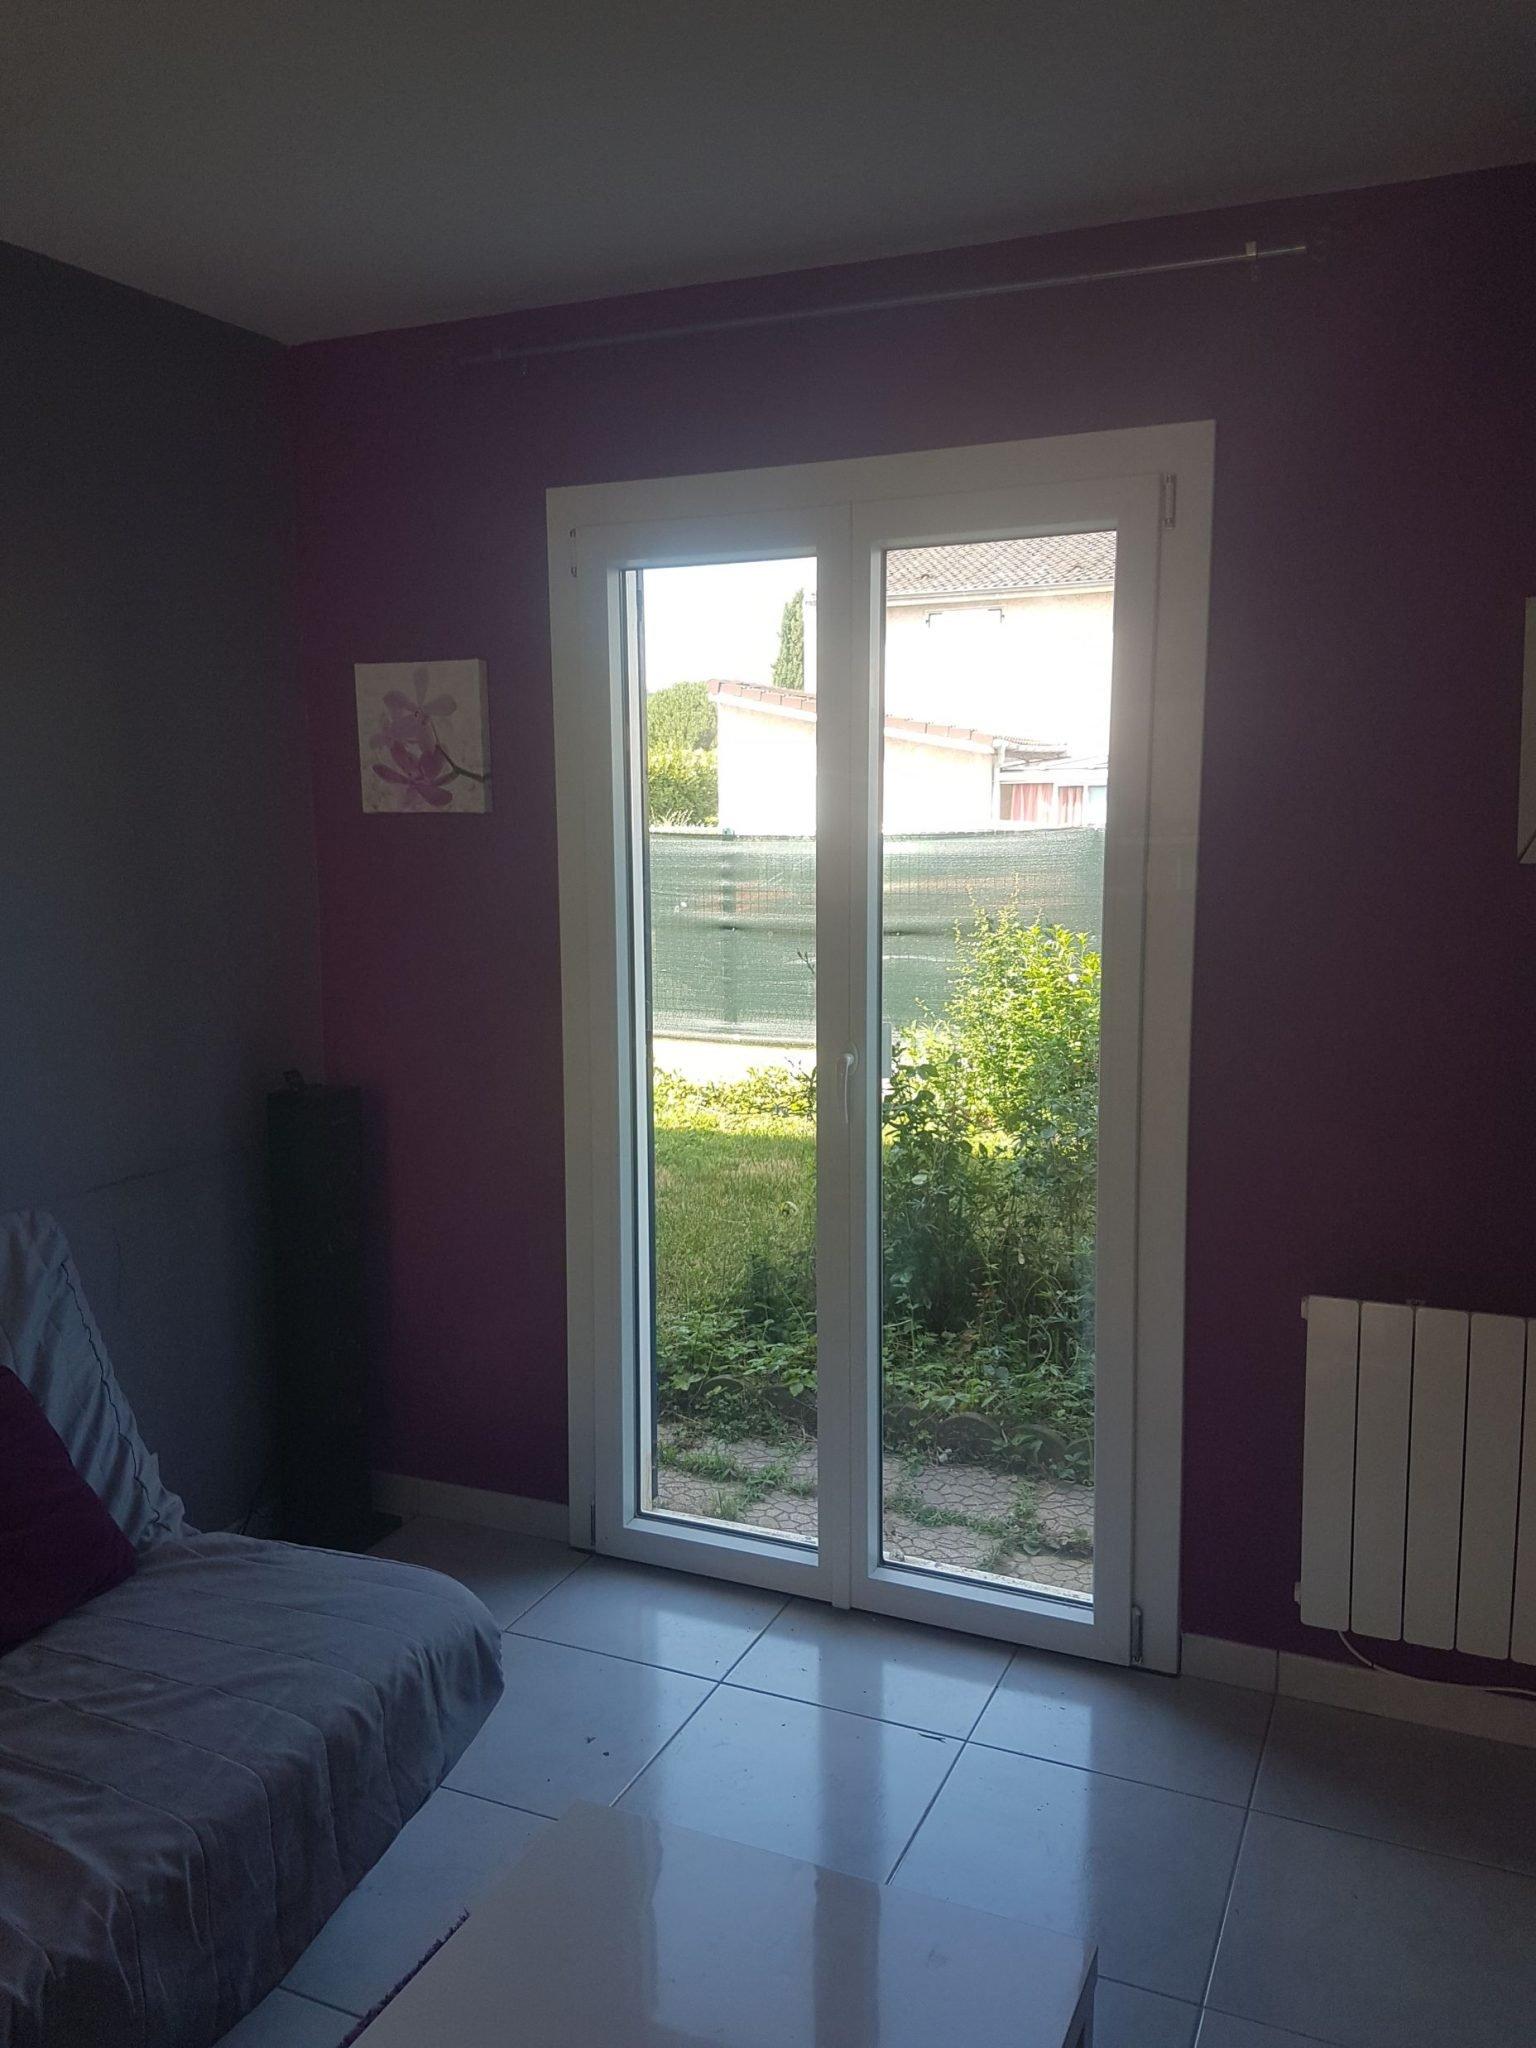 Porte fenêtre pvc INTERNORM 1 vantaux - Nouveau chantier pour GCDH